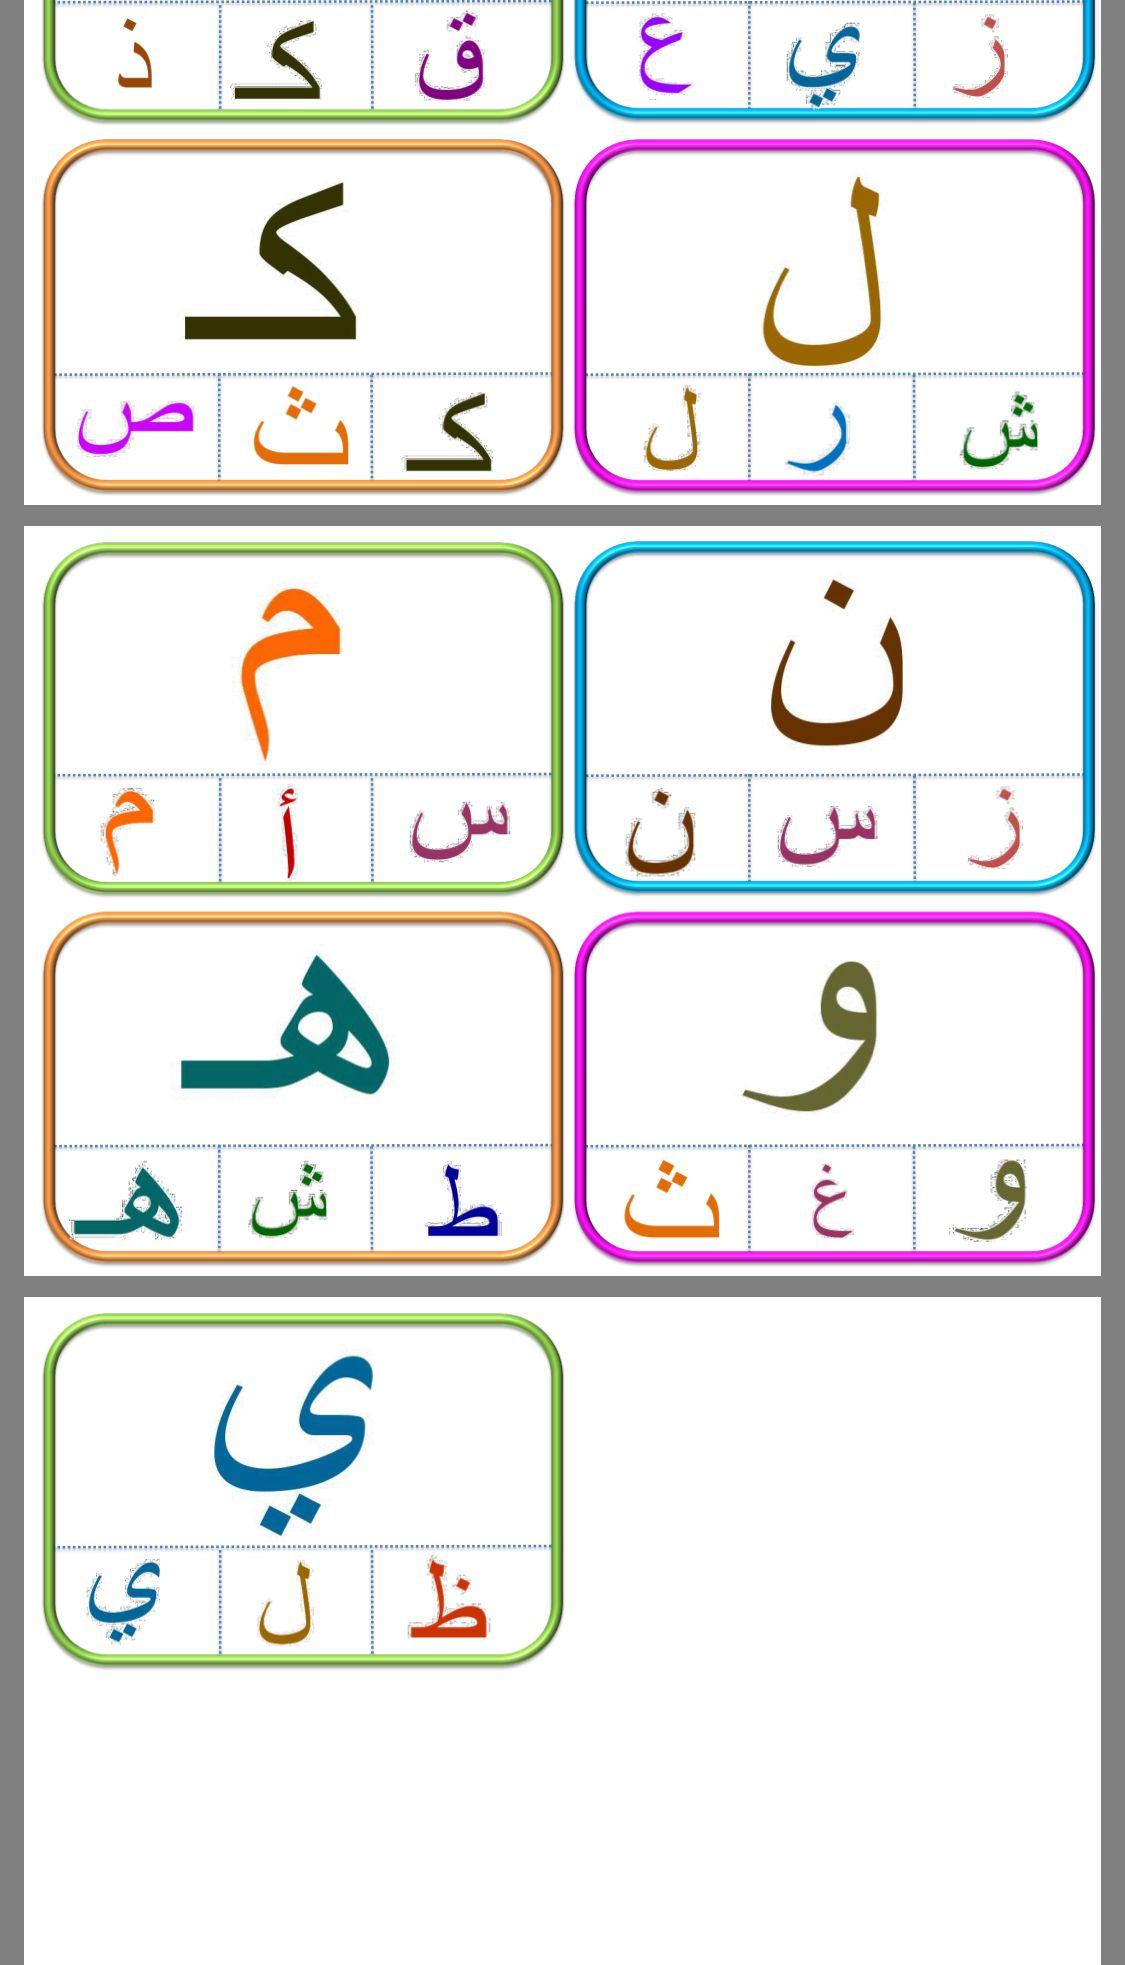 Sallemi Ines Adlı Kullanıcının Lettre Arabe Panosundaki Pin pour Apprendre Alphabet Francais